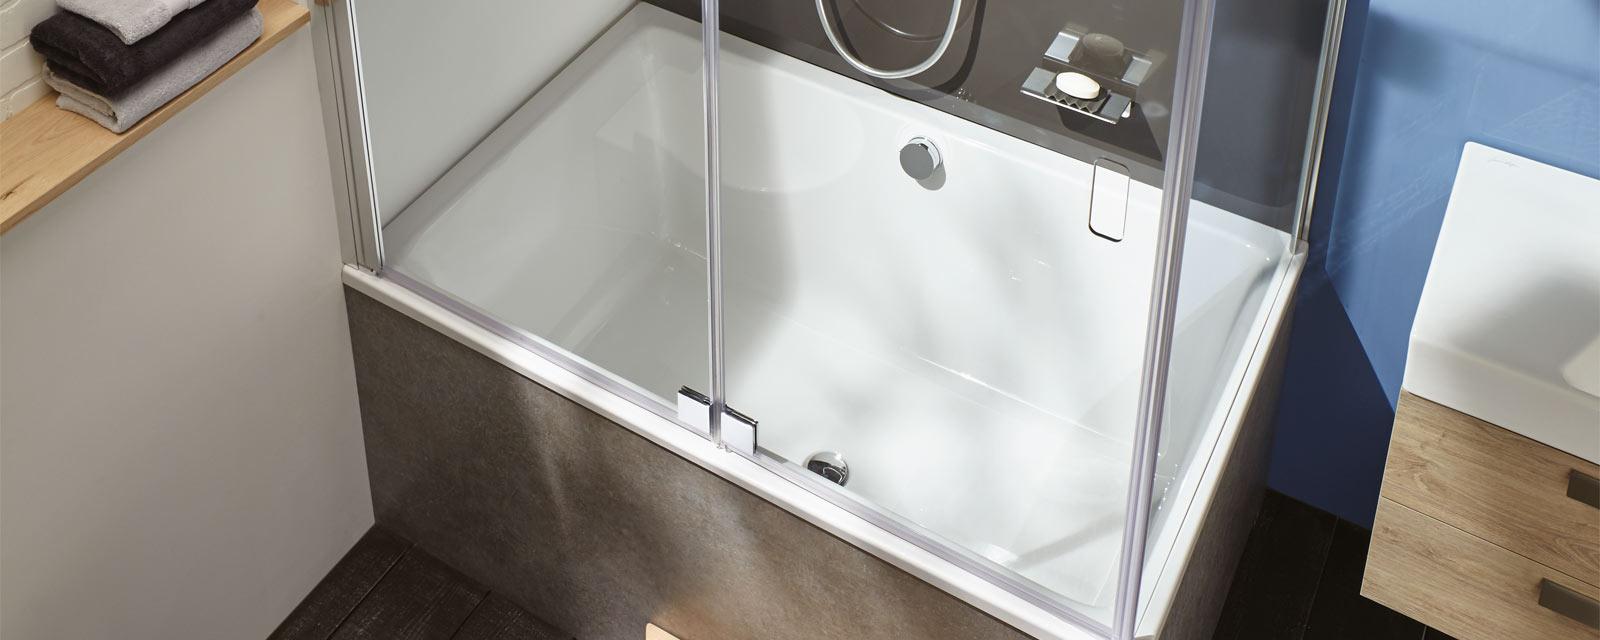 Amenagement Petite Salle De Bain Wc choisir une baignoire pour petite salle de bains | guide artisan